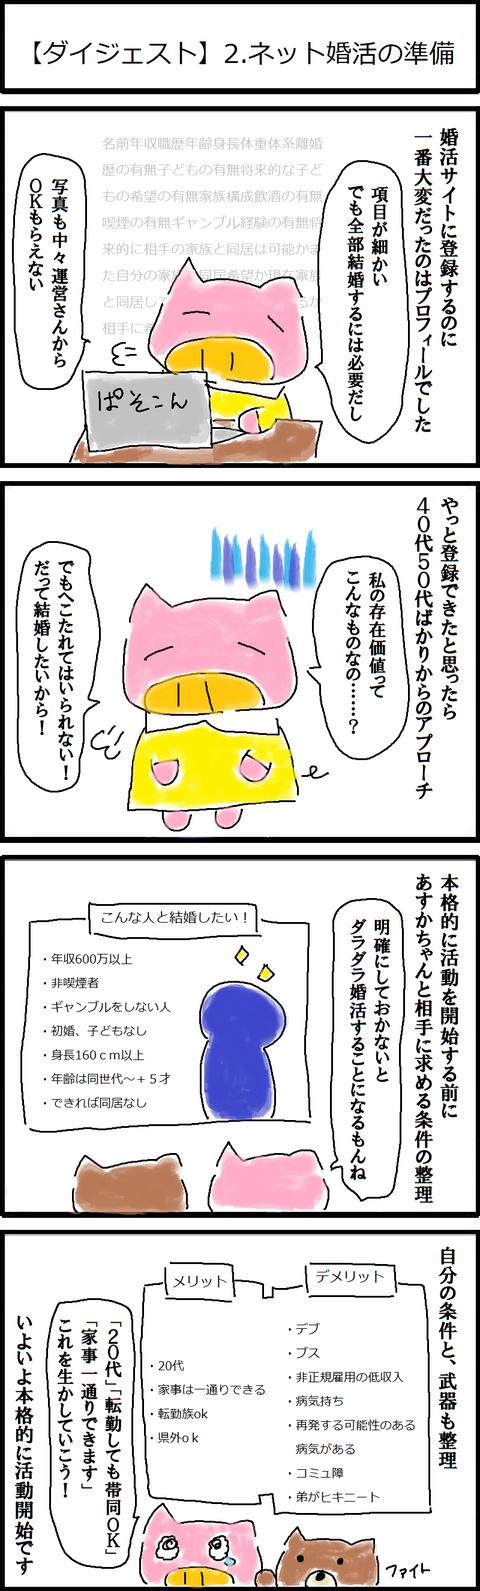 【ダイジェスト】2.ネット婚活の準備